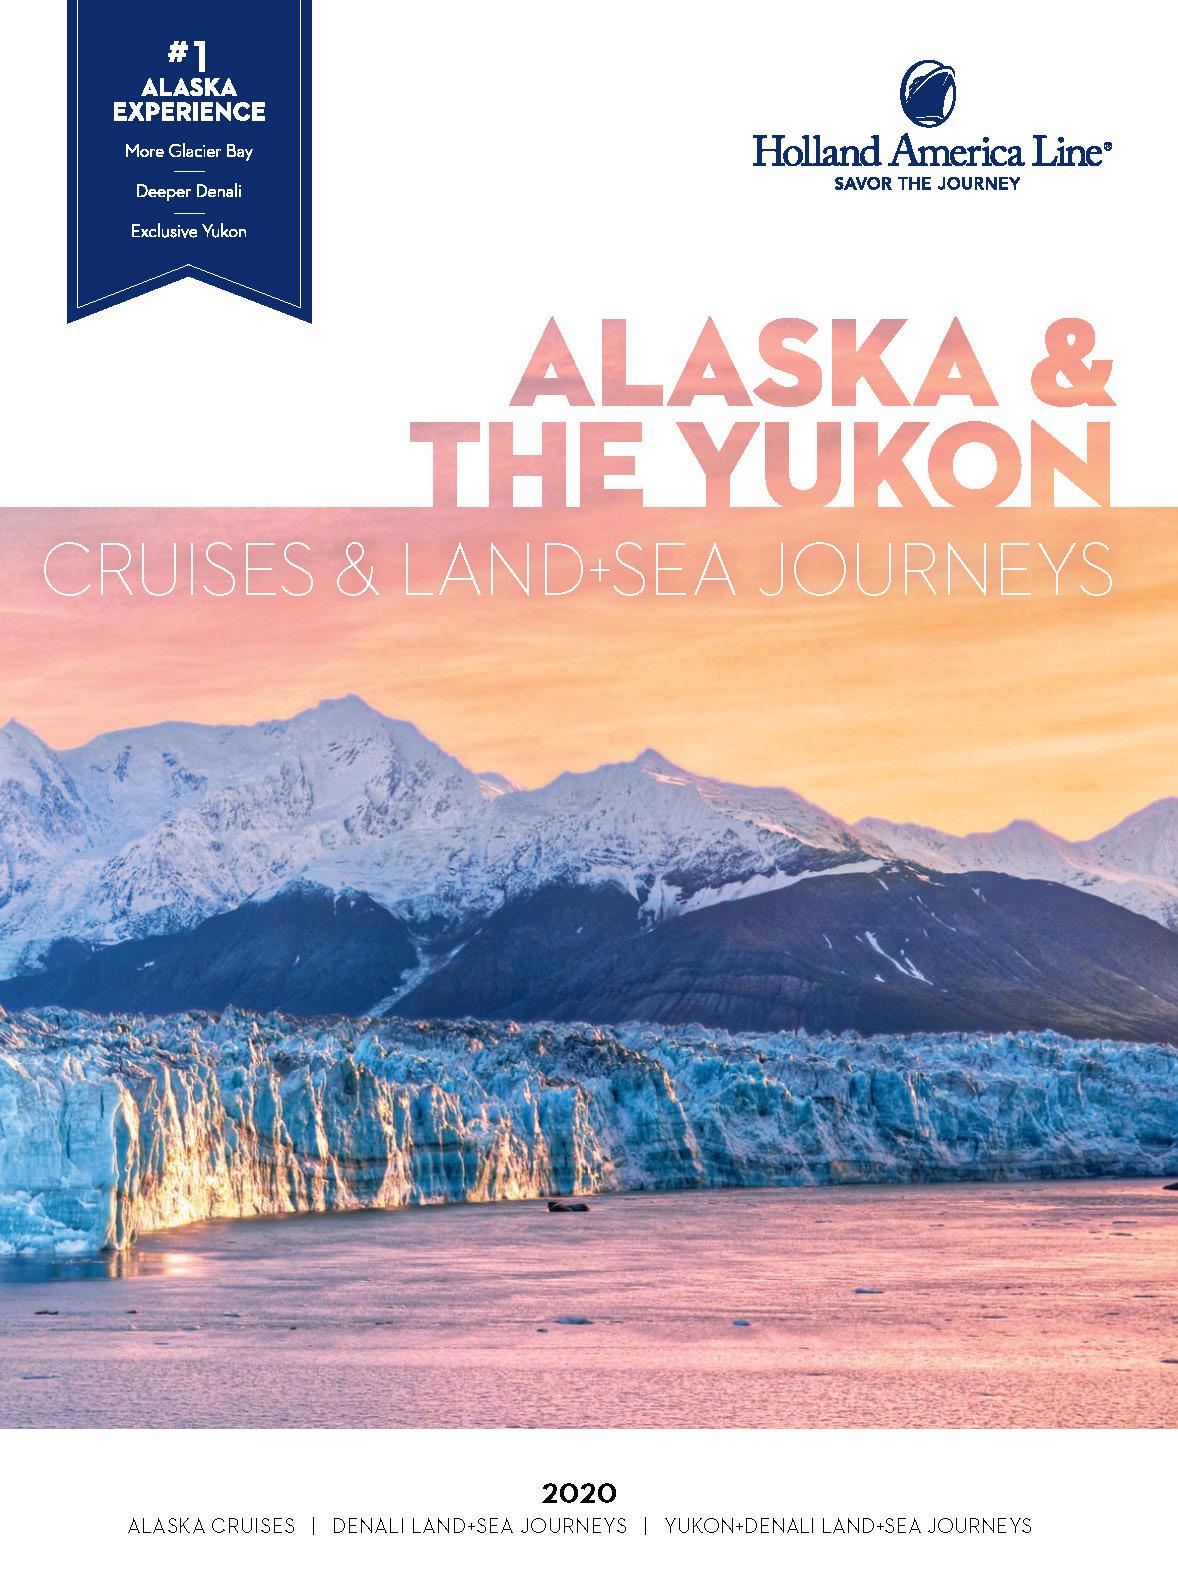 Catalogo Holland America Line Cruceros Maritimos Alaska y Yukon 2020